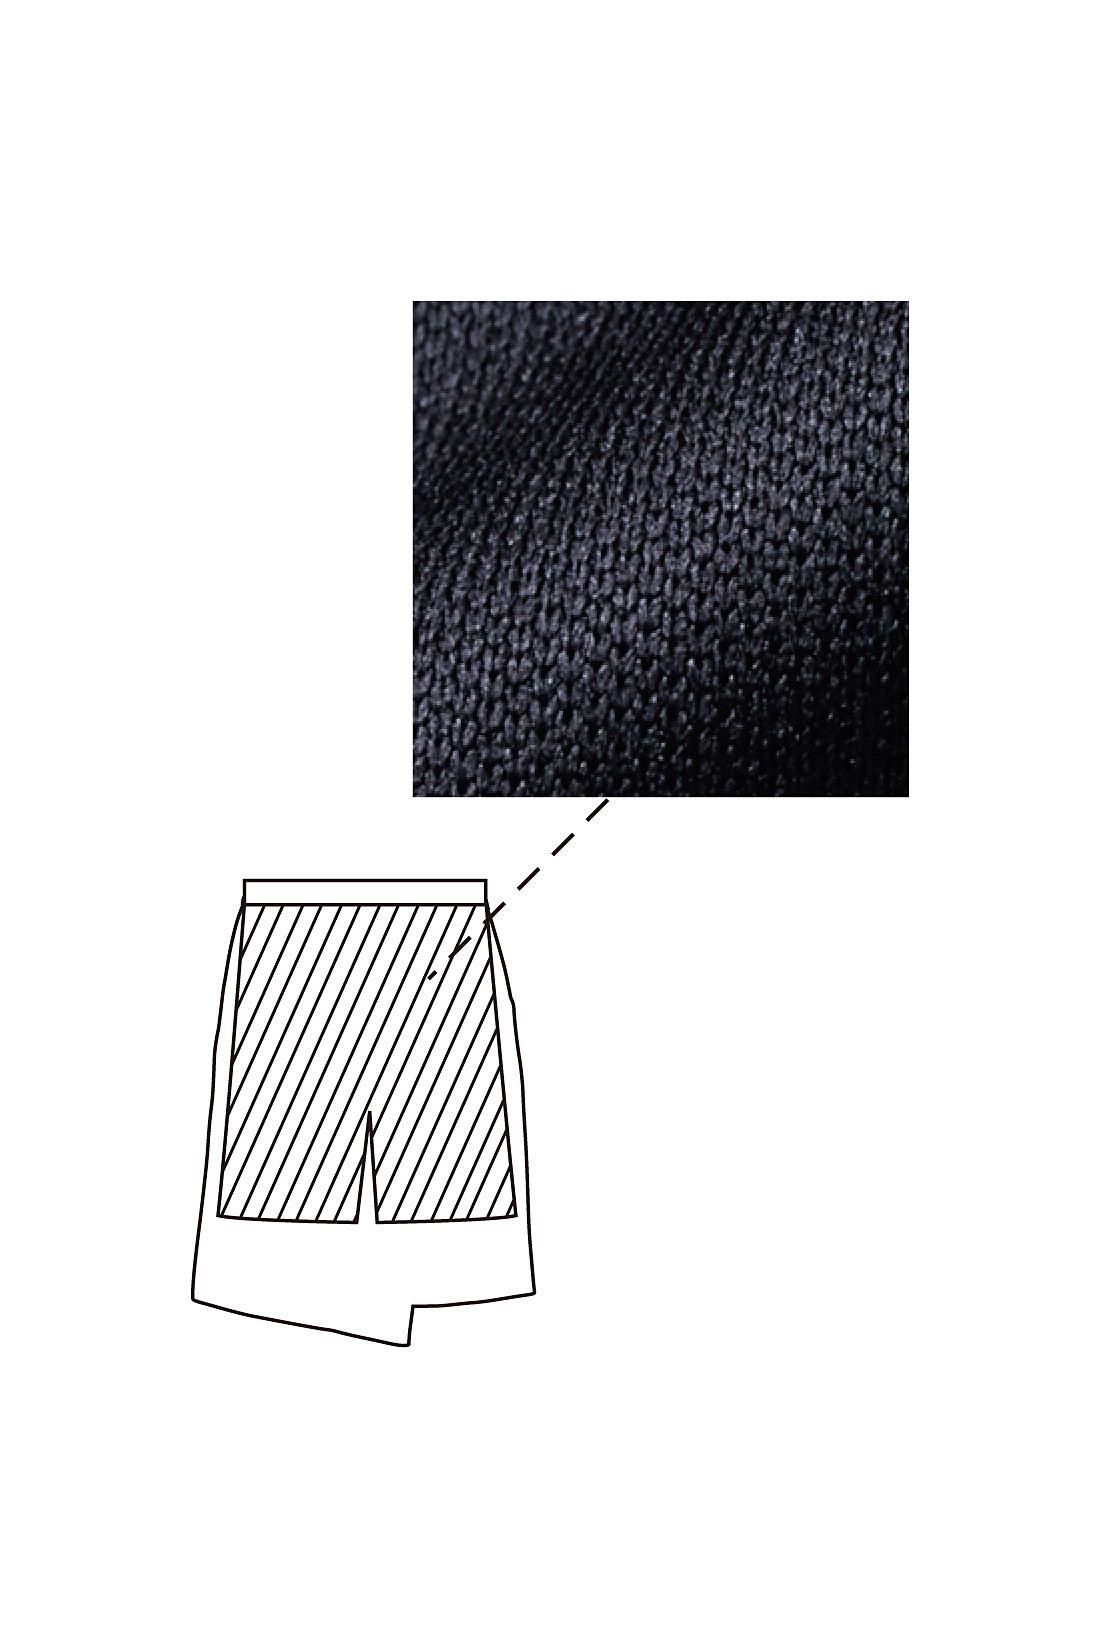 これは参考画像です。伸びやかなカットソー素材のインナーパンツ付き。タイツの上からはいてもOKなゆとり設計。